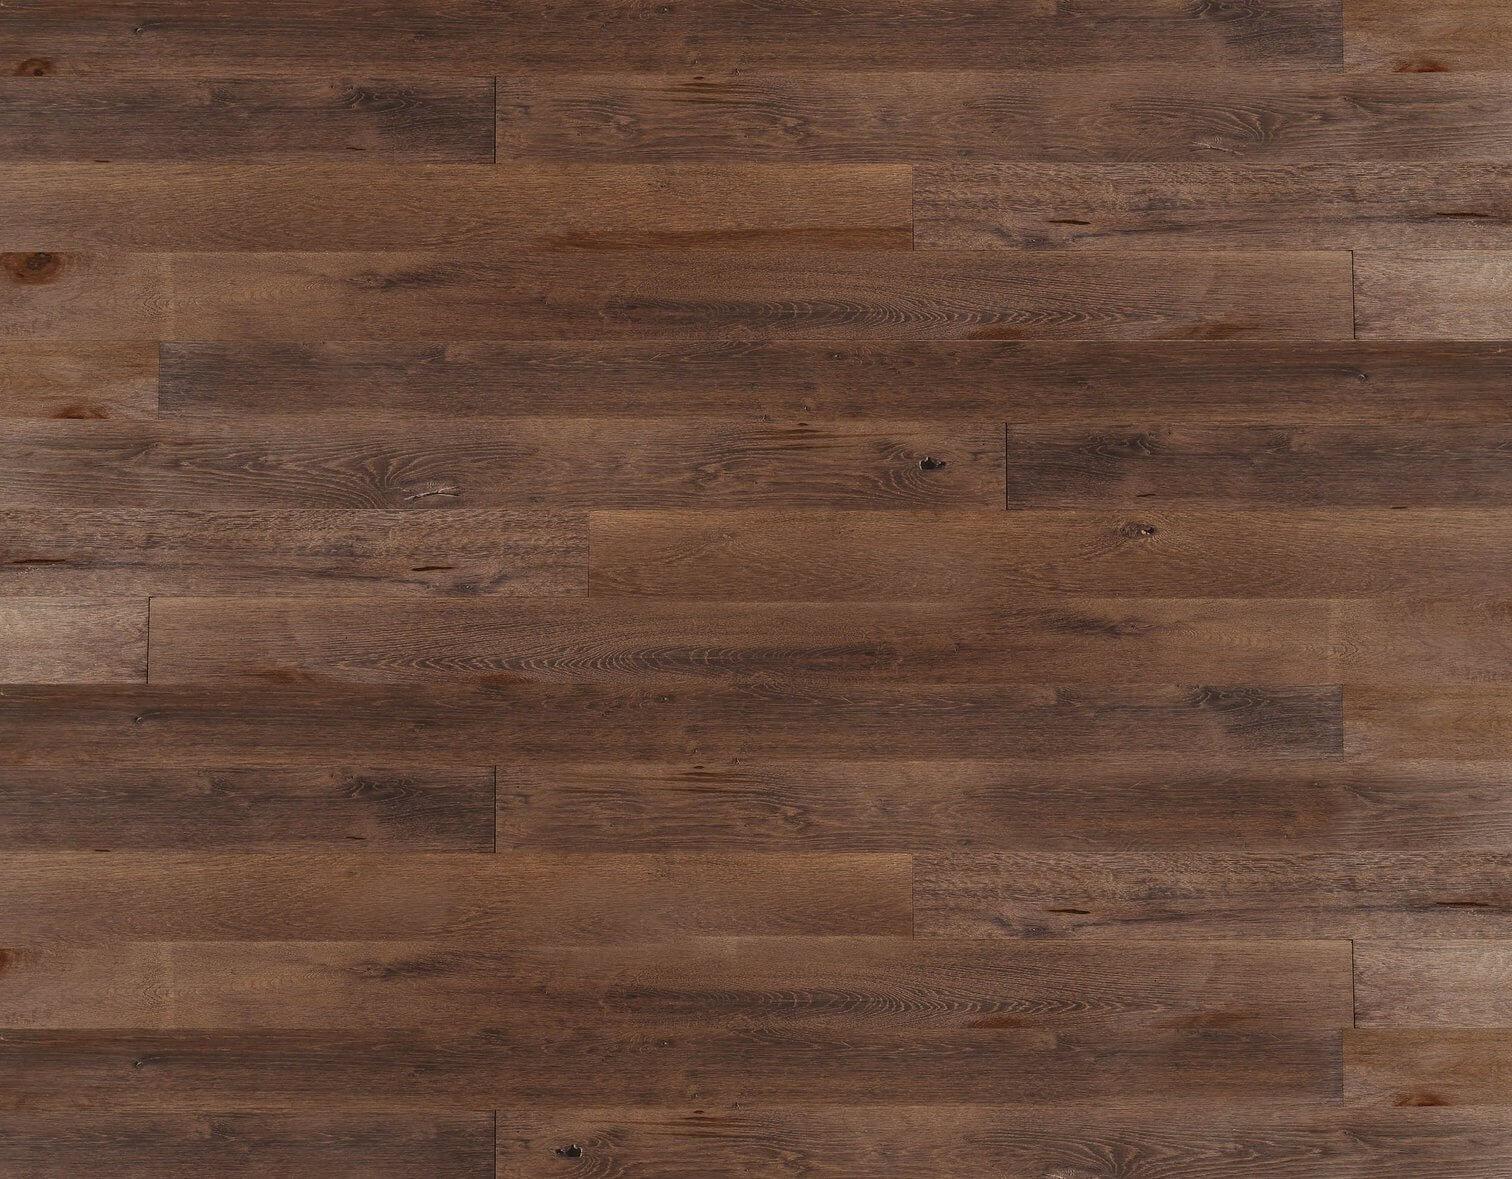 Genuine Normandy Originals Hardwood Plank | Wallplanks